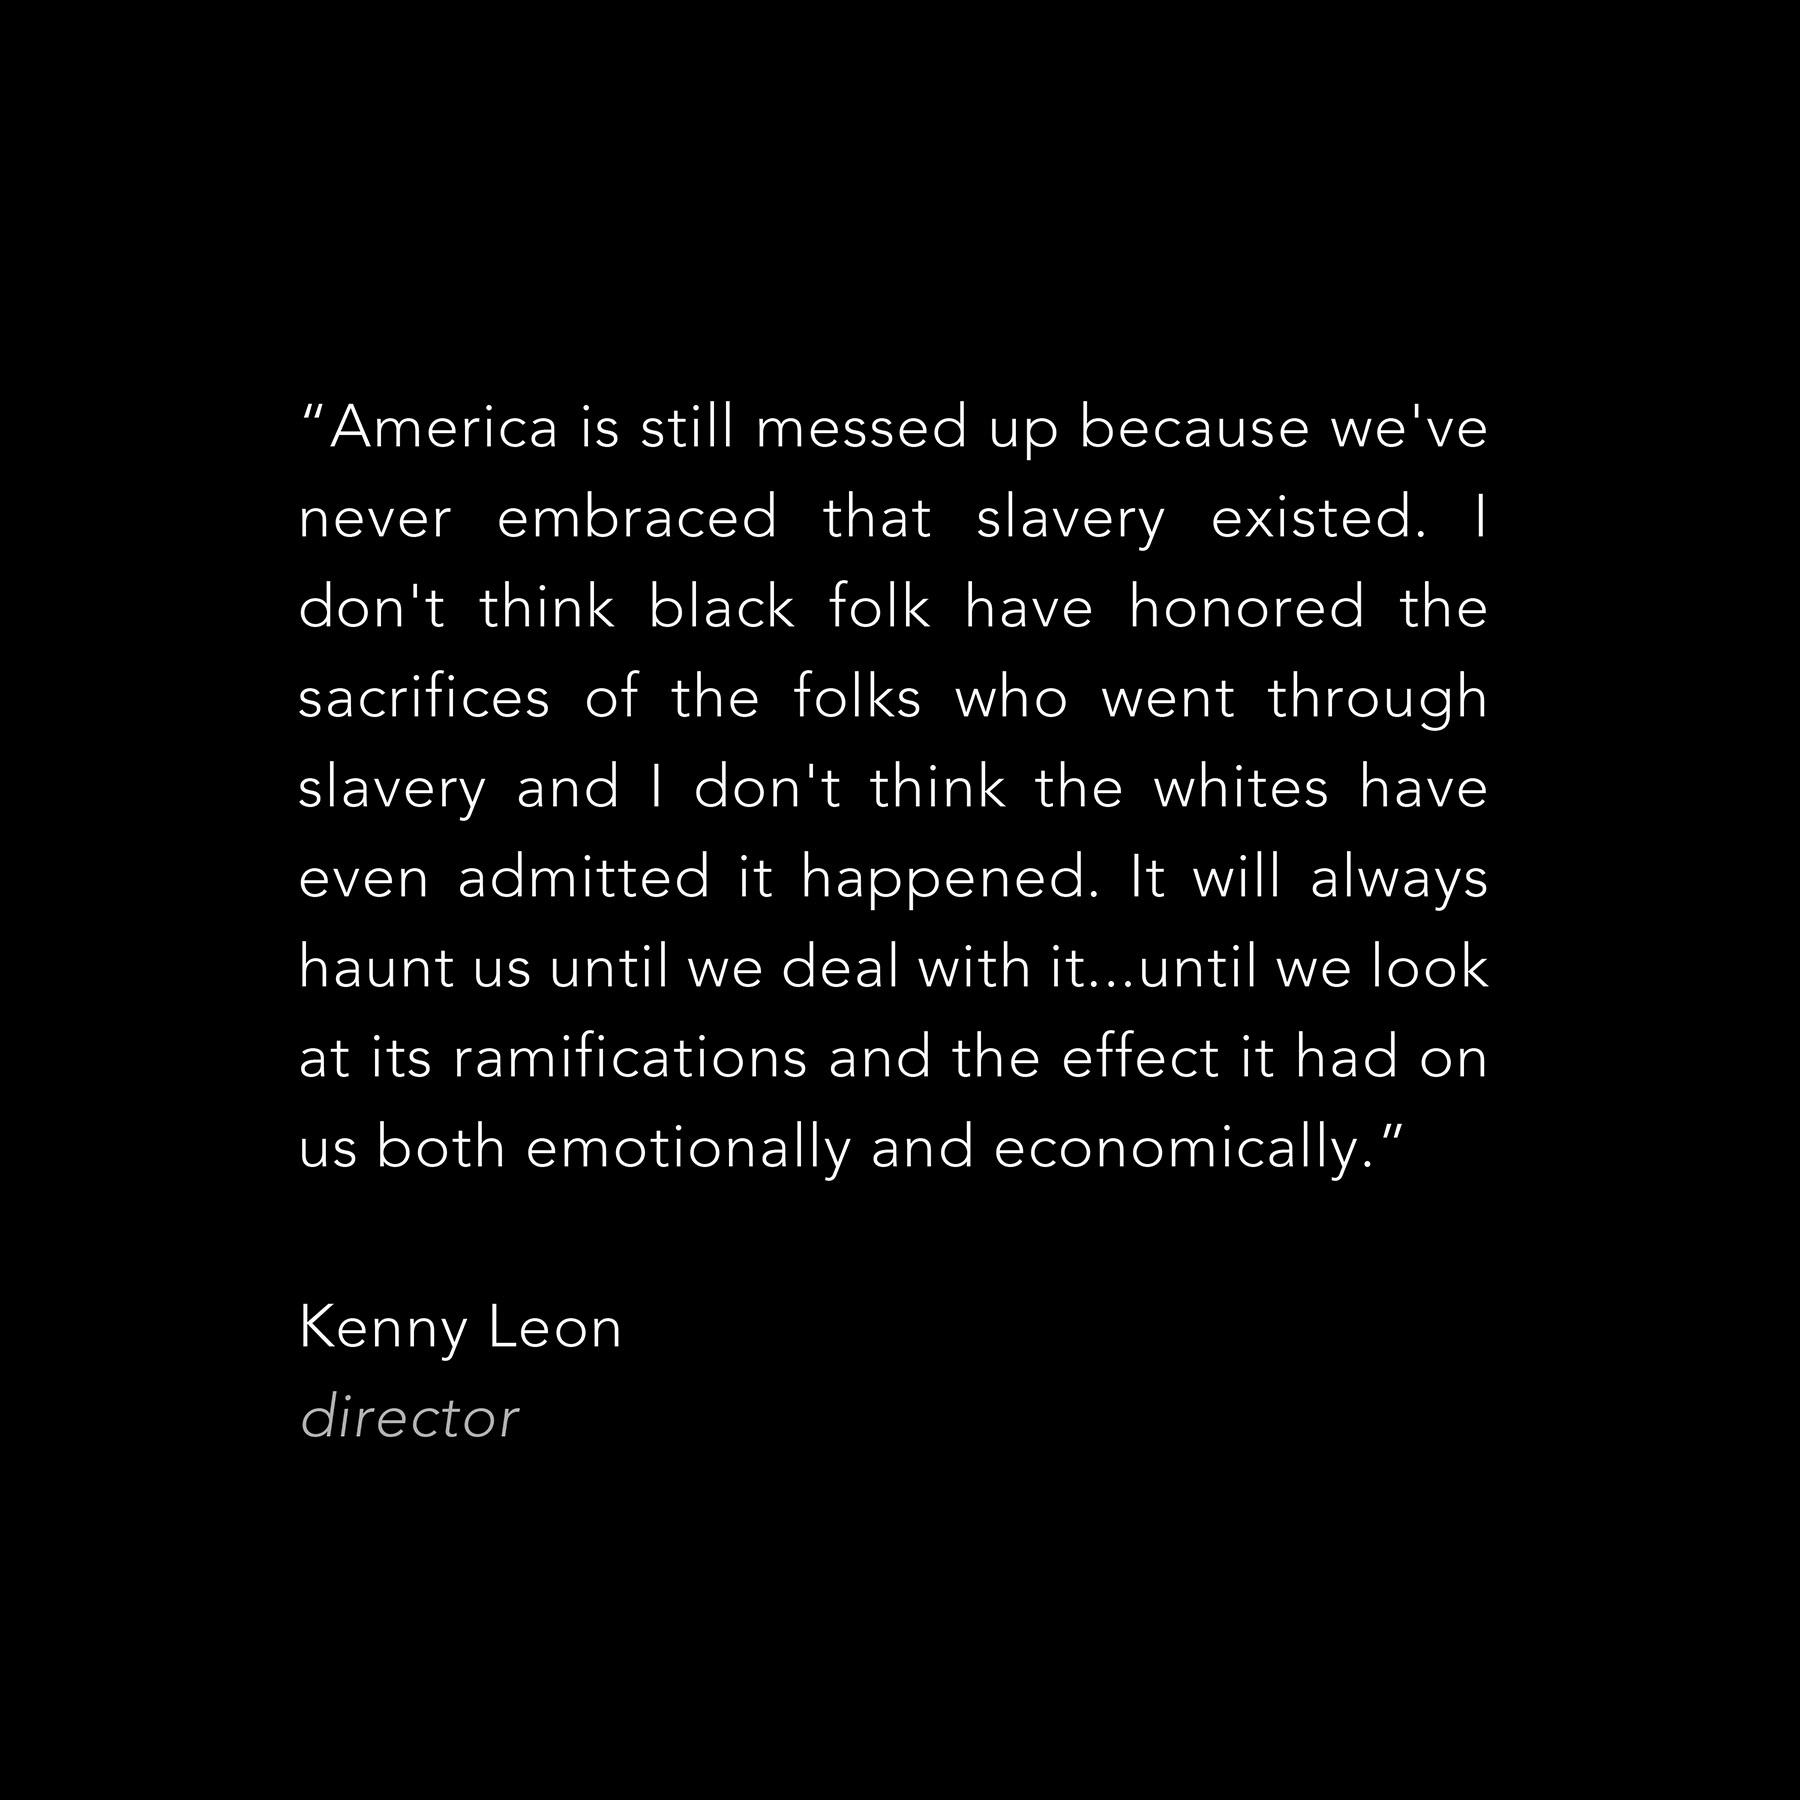 Kenny Leon Quote.jpg